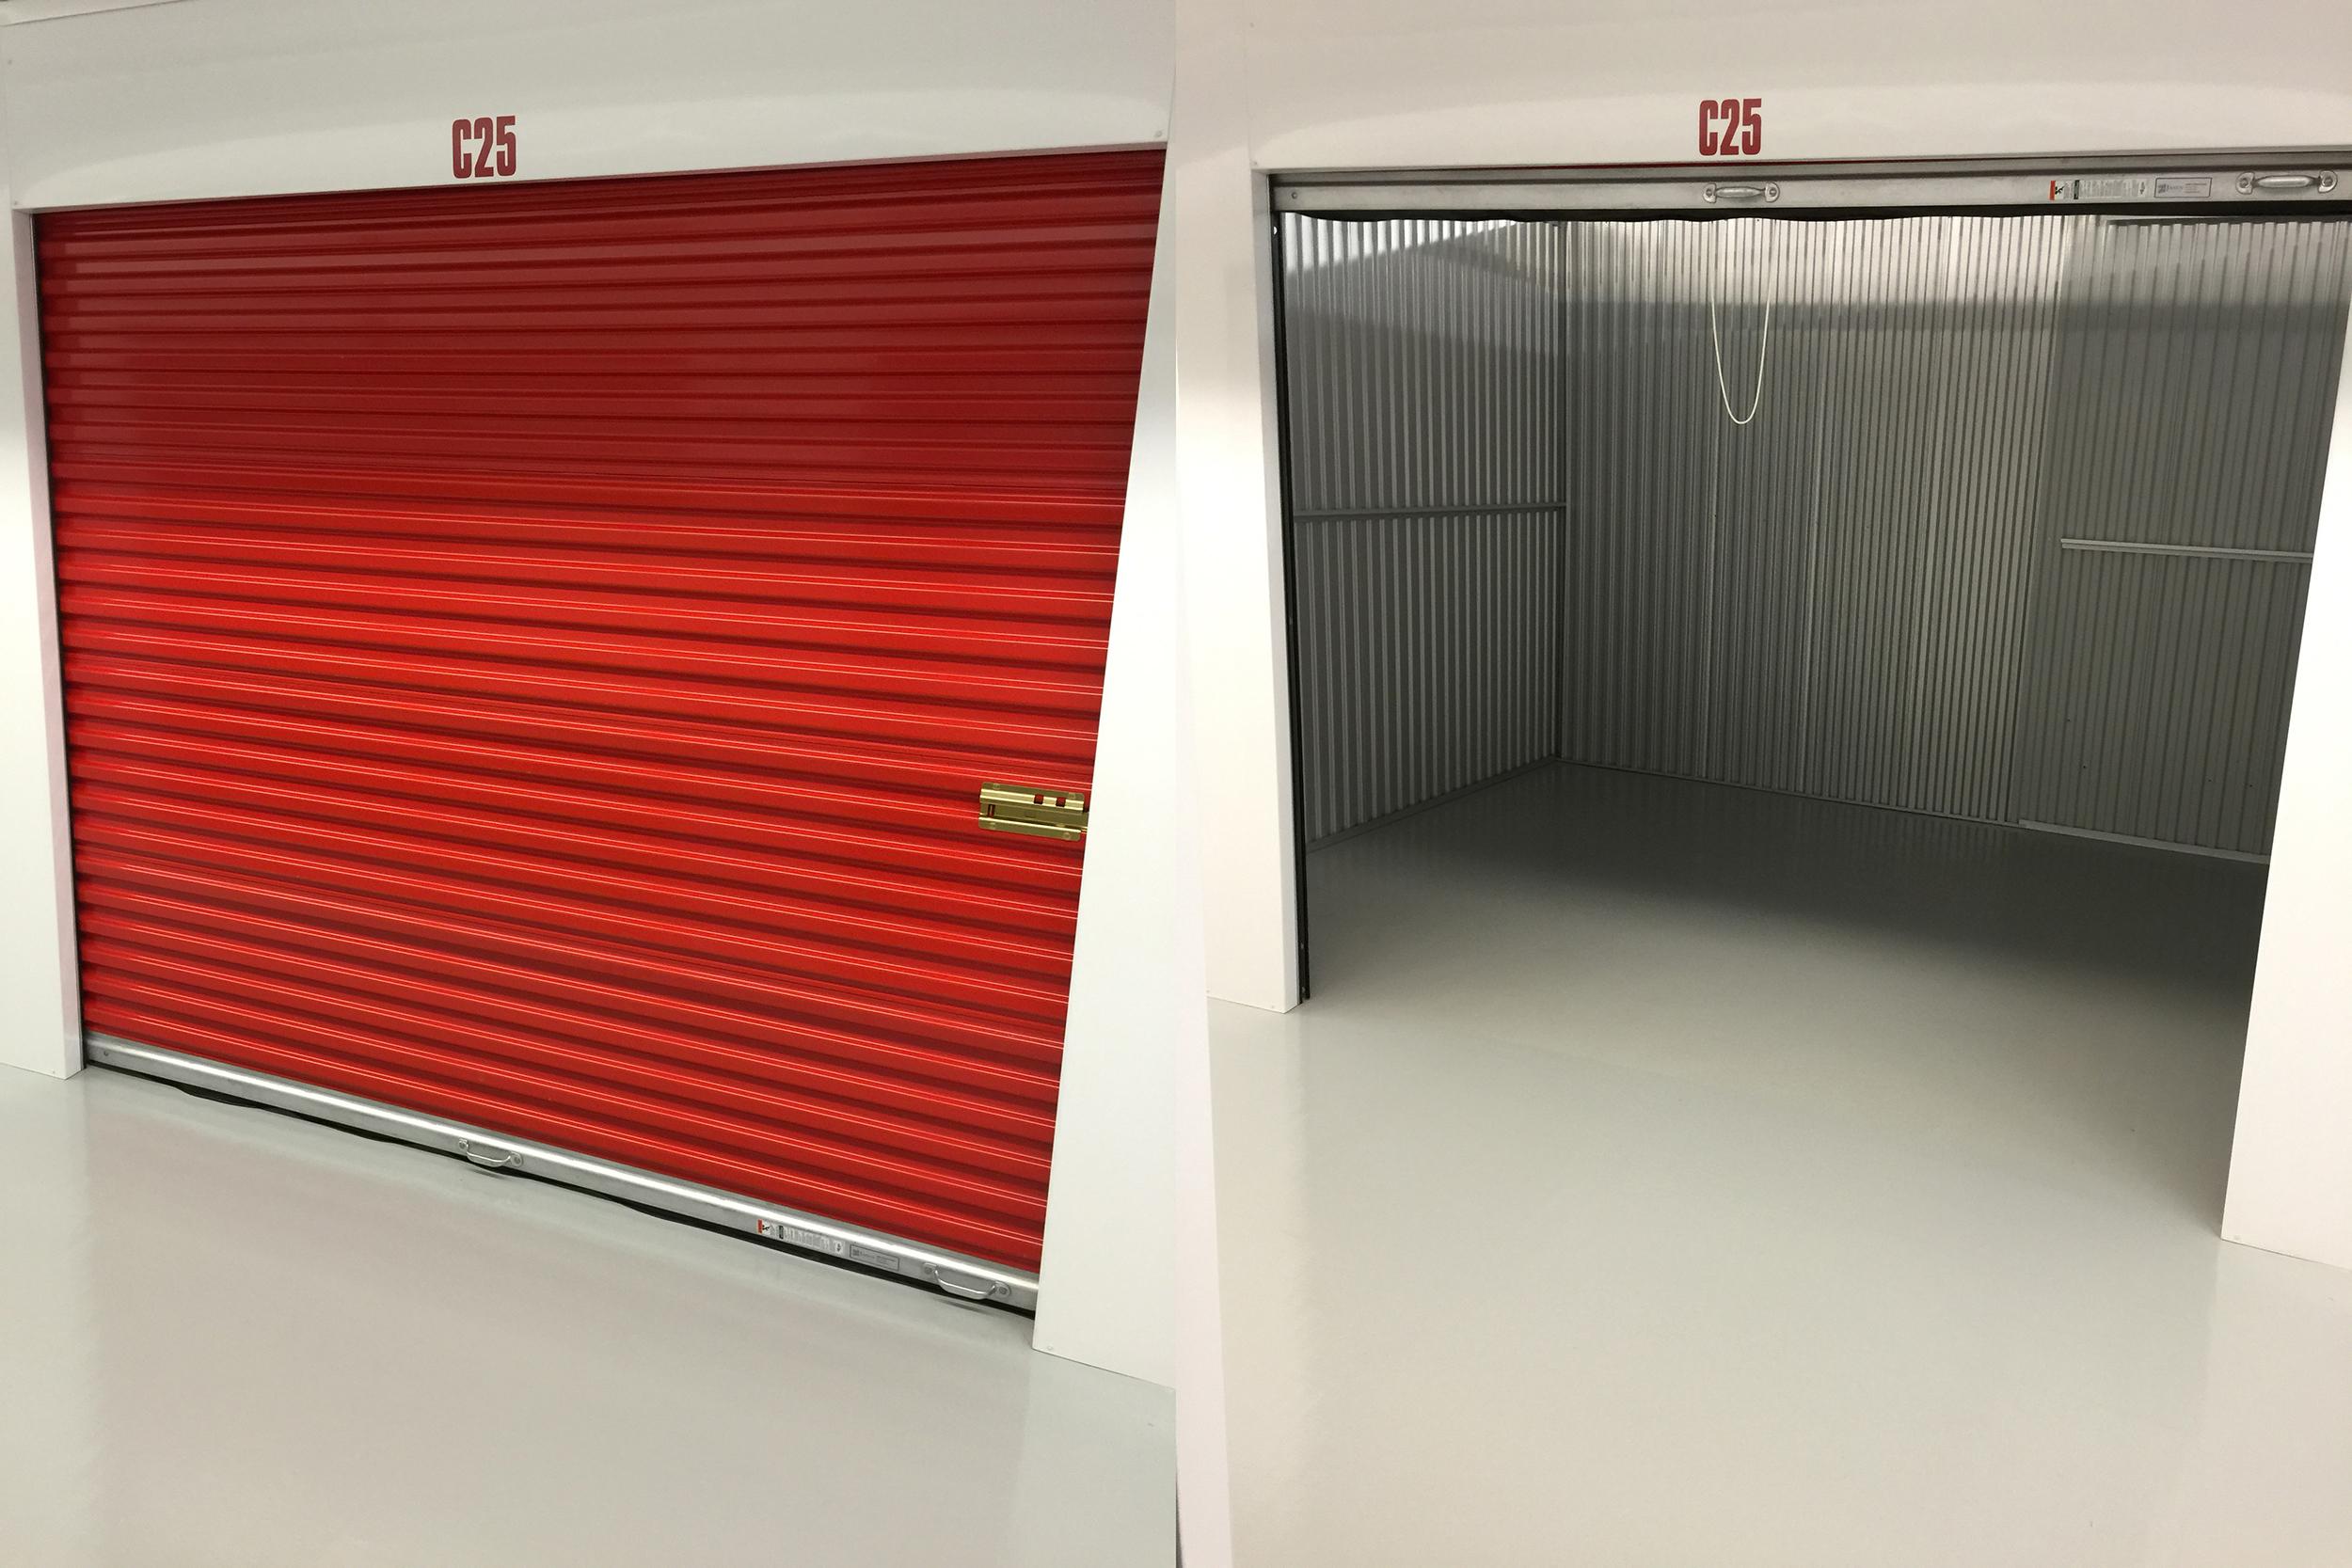 10x15 & 10x20 Storage Units